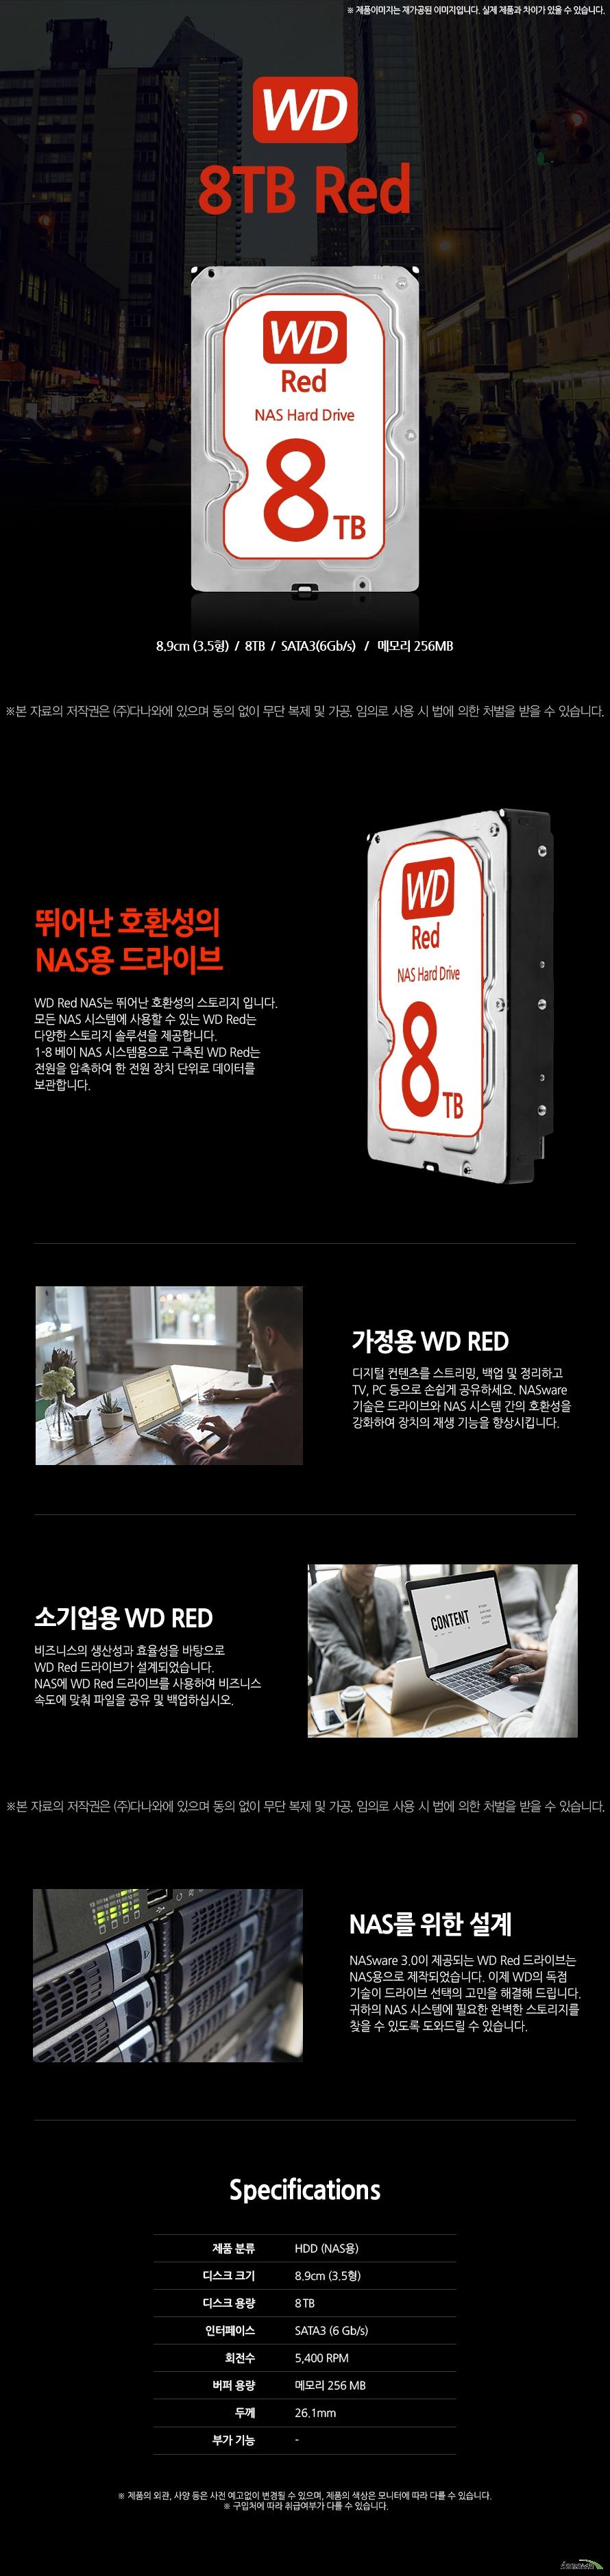 8.9cm (3.5형) 8TB SATA3(6Gb/s)  메모리 256MB  뛰어난 호환성의  NAS용 드라이브 WD Red NAS는 뛰어난 호환성의 스토리지 입니다.  모든 NAS 시스템에 사용할 수 있는 WD Red는 다양한 스토리지 솔루션을 제공합니다. 1-8 베이 NAS 시스템용으로 구축된 WD Red는 전원을 압축하여 한 전원 장치 단위로 데이터를 보관합니다.   가정용 WD RED 디지털 컨텐츠를 스트리밍, 백업 및 정리하고 TV, PC 등으로 손쉽게 공유하세요. NASware 기술은 드라이브와 NAS 시스템 간의 호환성을 강화하여 장치의 재생 기능을 향상시킵니다.  소기업용 WD RED 비즈니스의 생산성과 효율성을 바탕으로  WD Red 드라이브가 설계되었습니다.  NAS에 WD Red 드라이브를 사용하여 비즈니스 속도에 맞춰 파일을 공유 및 백업하십시오.    NAS를 위한 설계 NASware 3.0이 제공되는 WD Red 드라이브는 NAS용으로 제작되었습니다. 이제 WD의 독점 기술이 드라이브 선택의 고민을 해결해 드립니다. 귀하의 NAS 시스템에 필요한 완벽한 스토리지를 찾을 수 있도록 도와드릴 수 있습니다.